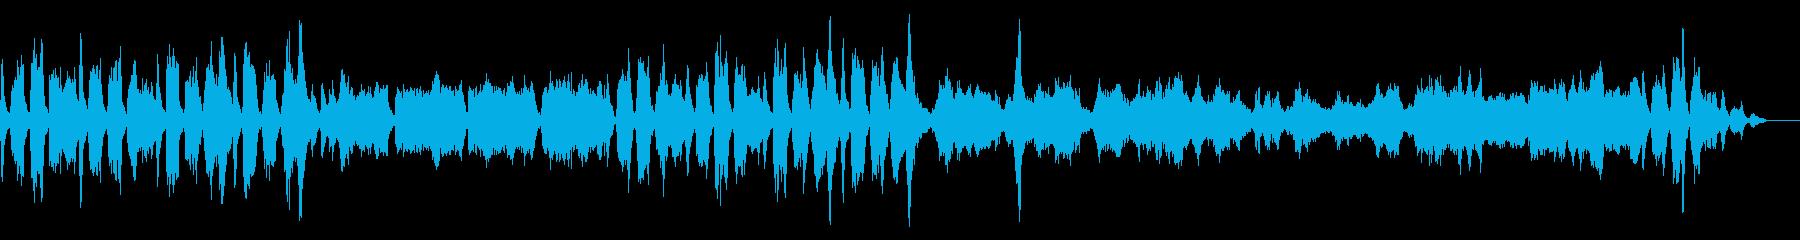 【生SQ】和風・悲しい決意行進曲風FOの再生済みの波形